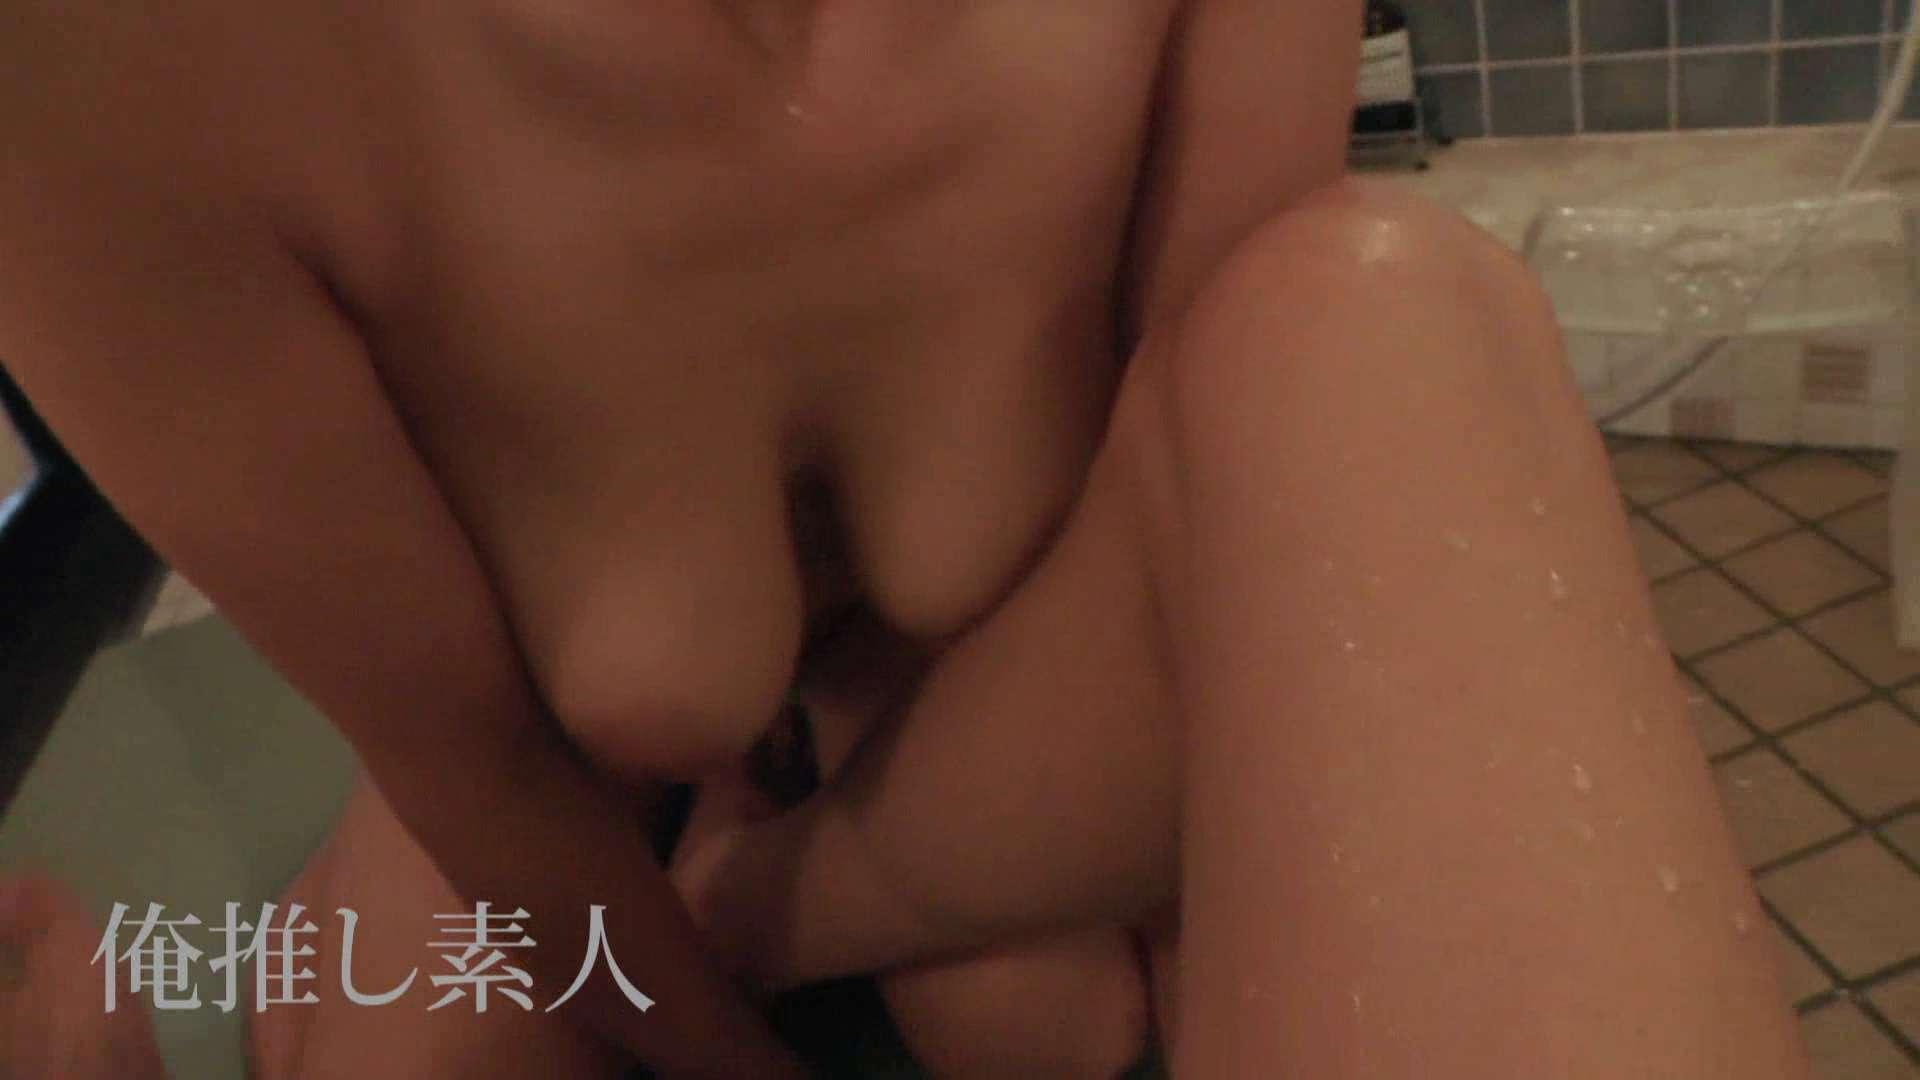 俺推し素人 30代人妻熟女キャバ嬢雫Vol.02 いやらしいキャバ嬢 おまんこ動画流出 100pic 62